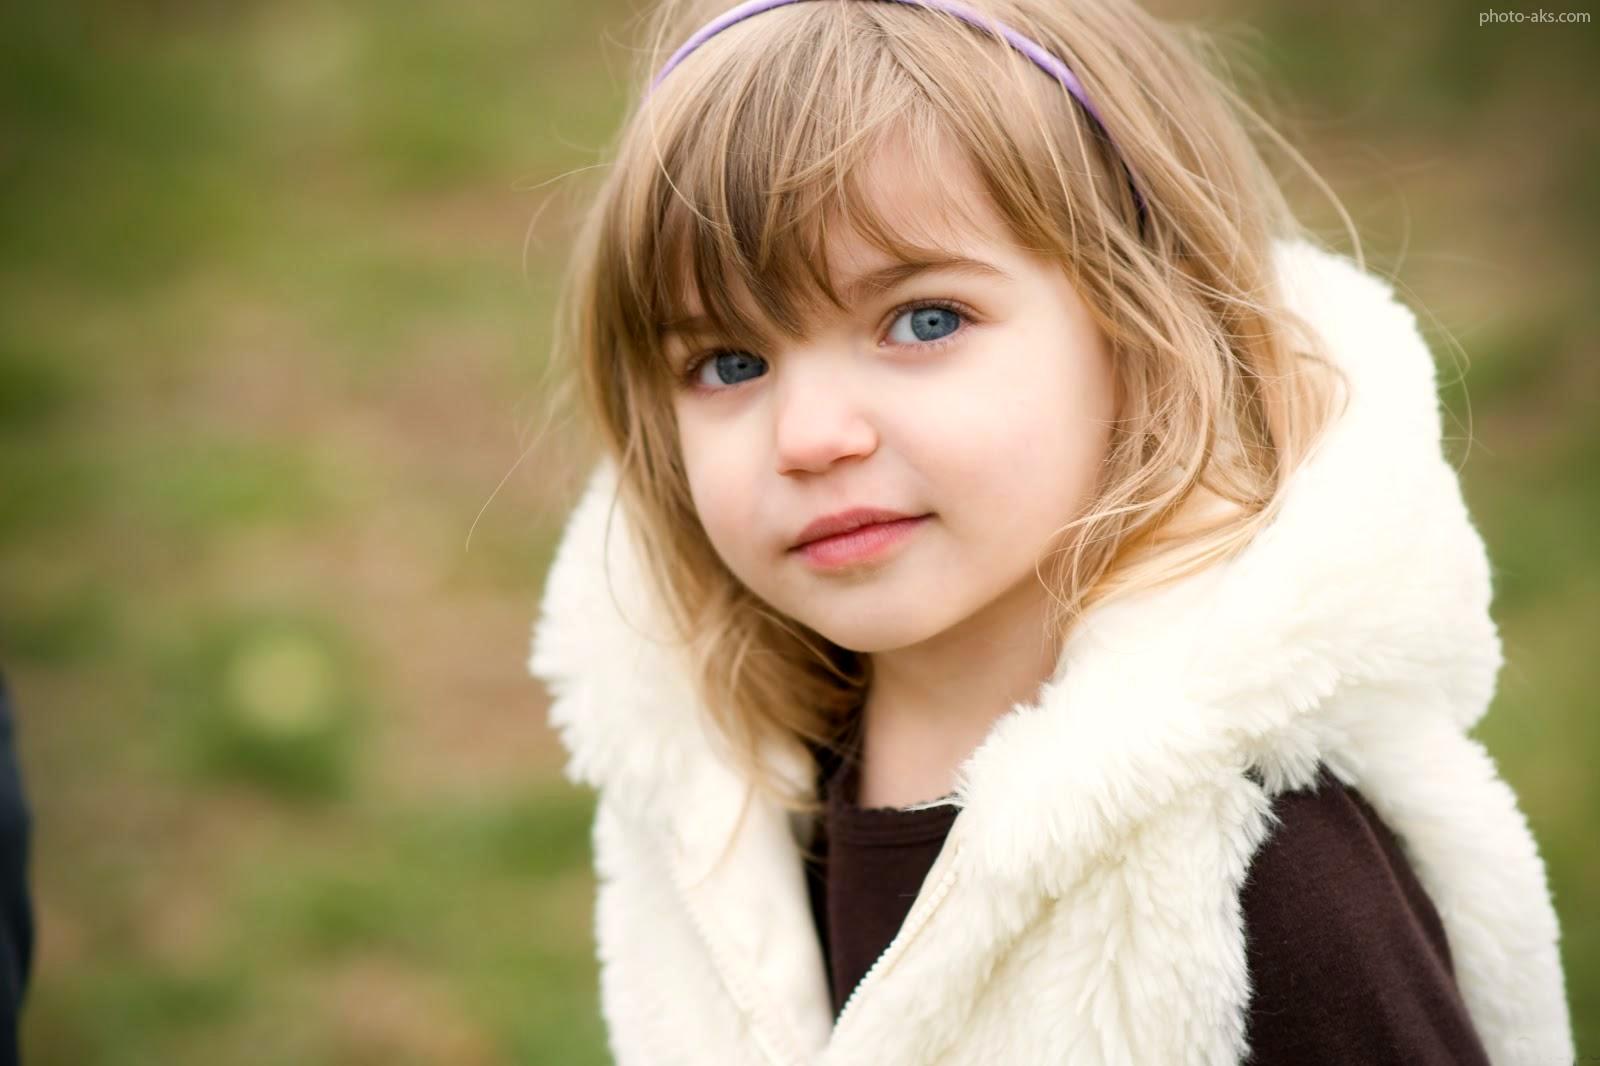 بازی چشم آبی beautiful blue eye girl